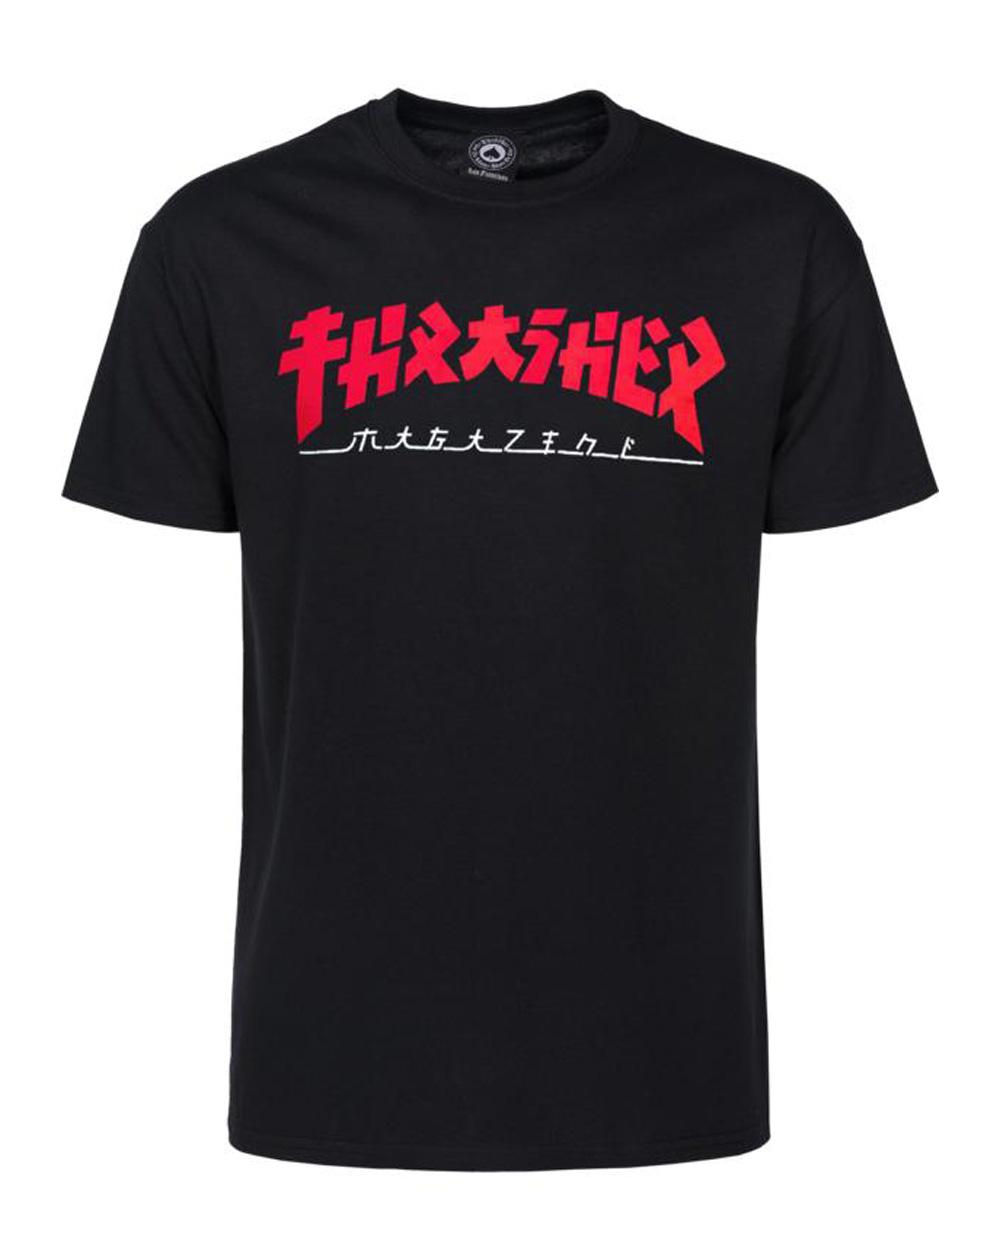 Thrasher Godzilla T-Shirt Uomo Black